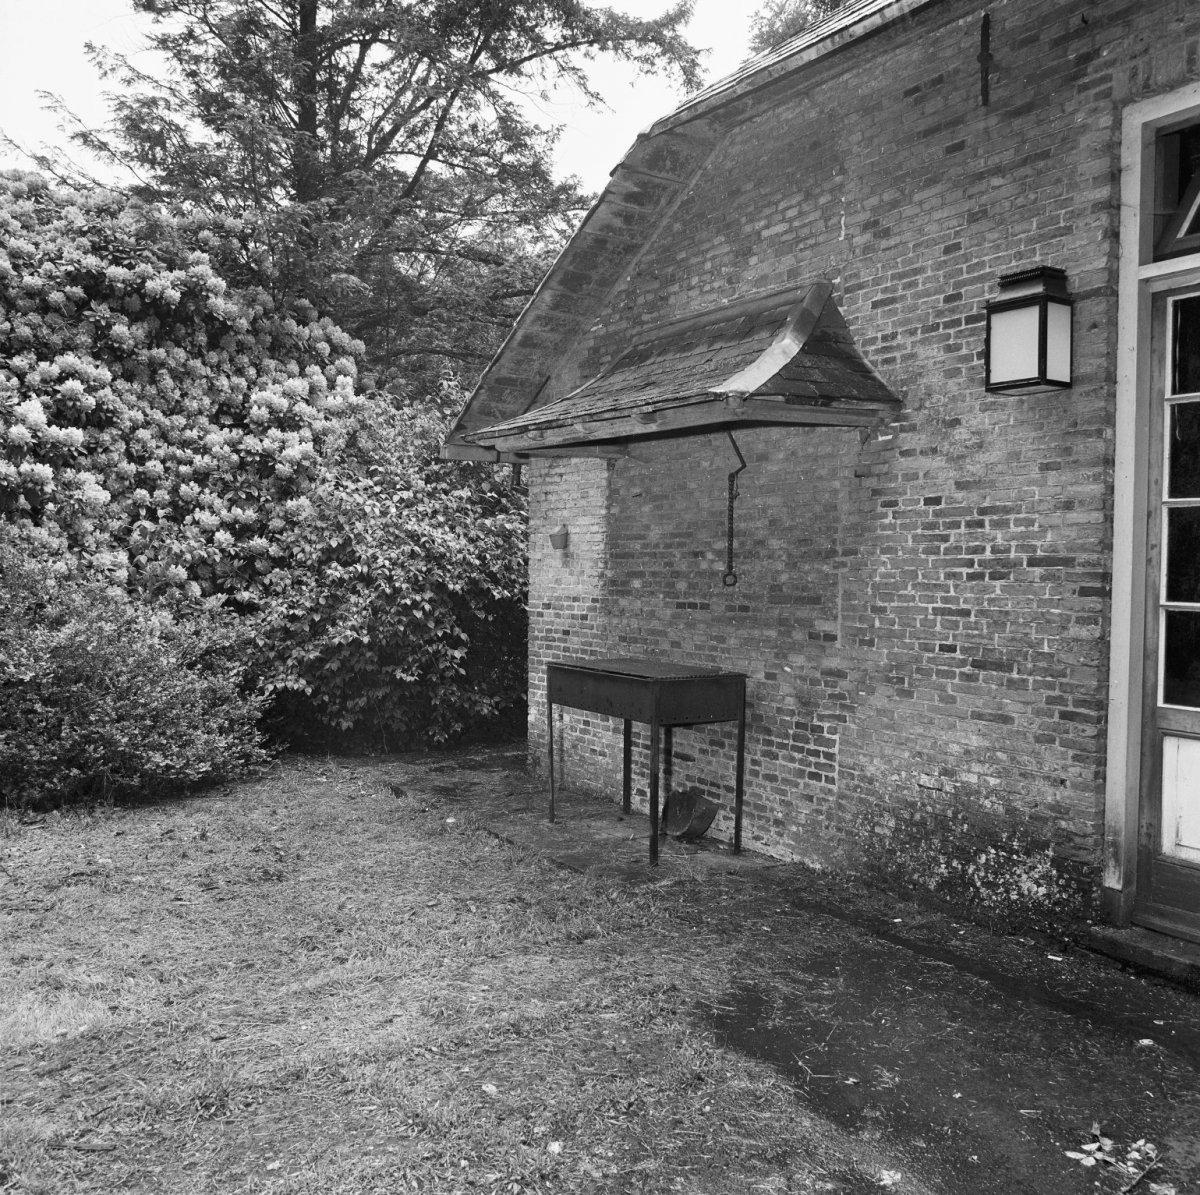 File exterieur engelse huis voorgevel detail ambt delden 20274459 wikimedia - Huis exterieur ...